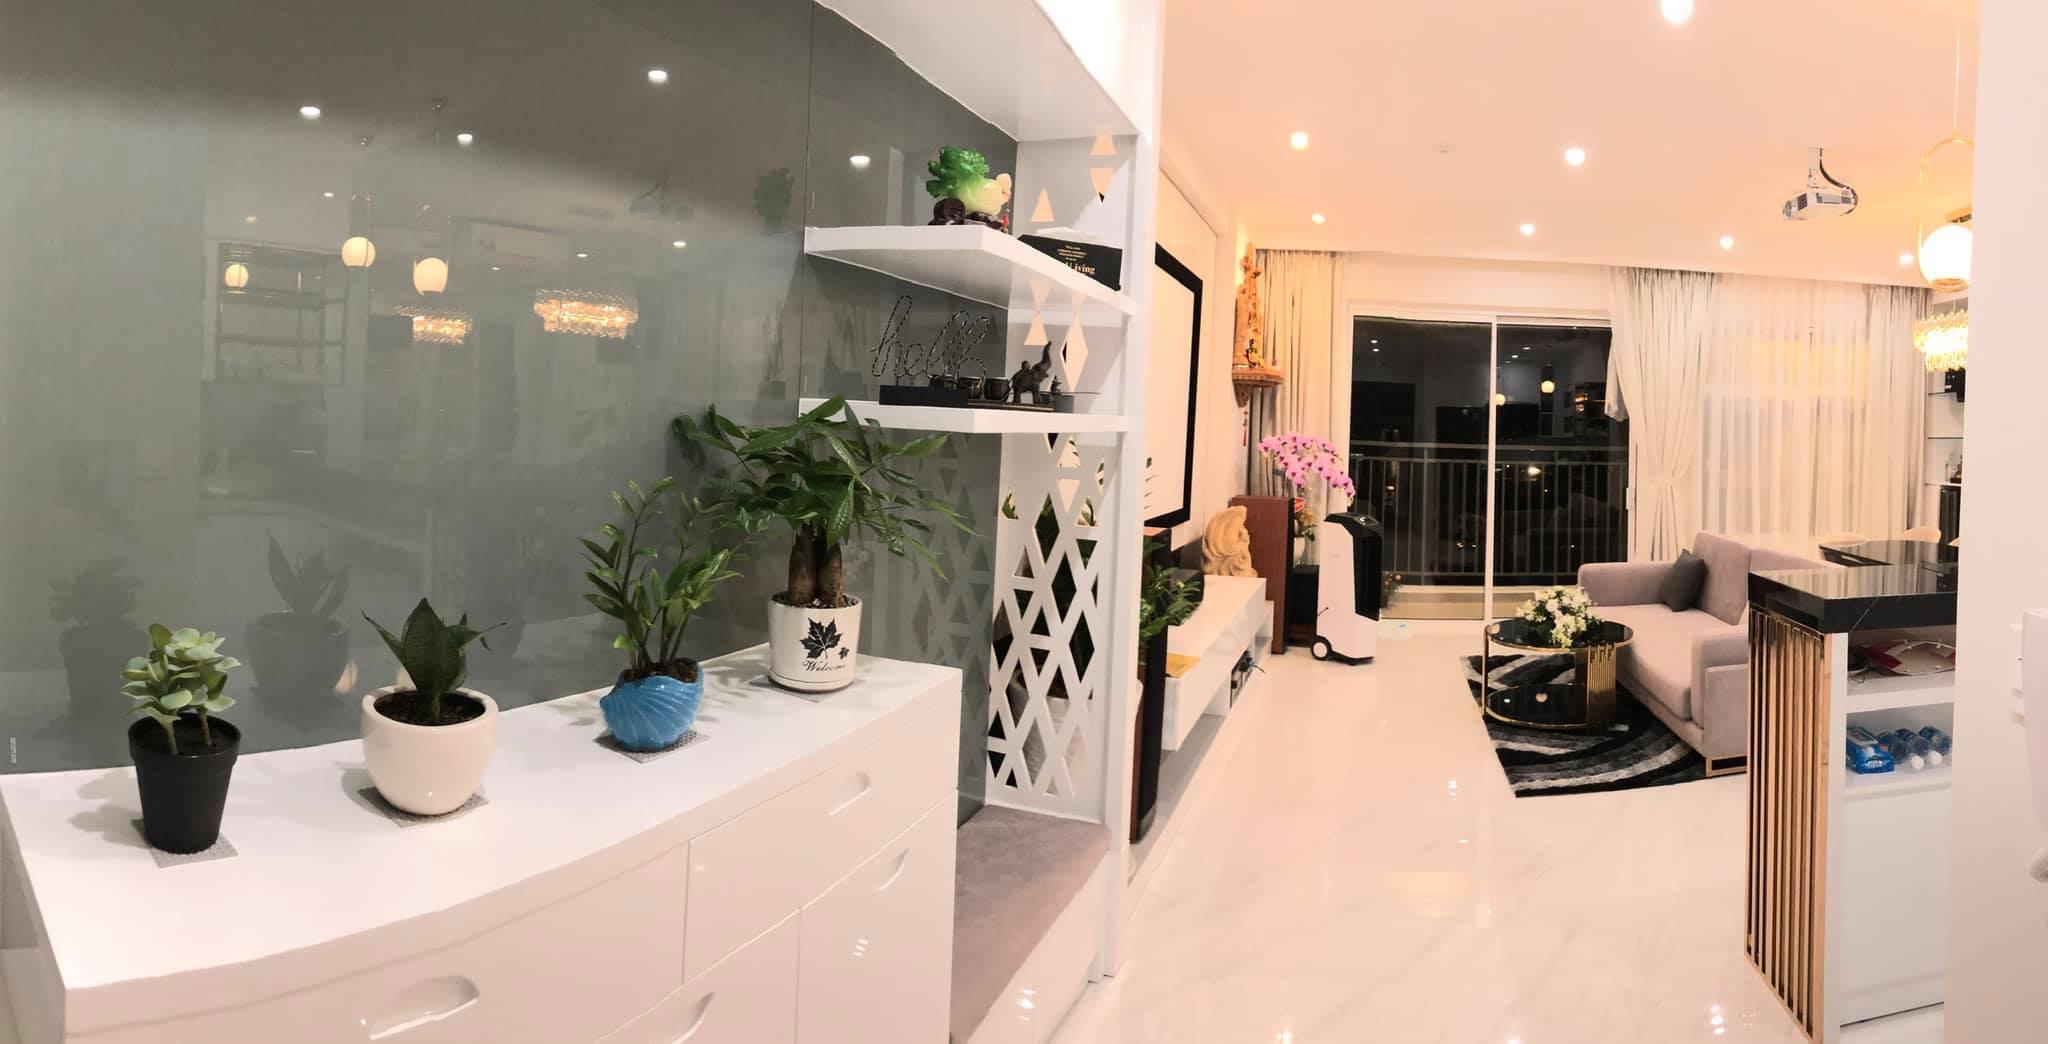 thiết kế nội thất chung cư tại Hồ Chí Minh Căn hộ 1 1563261239